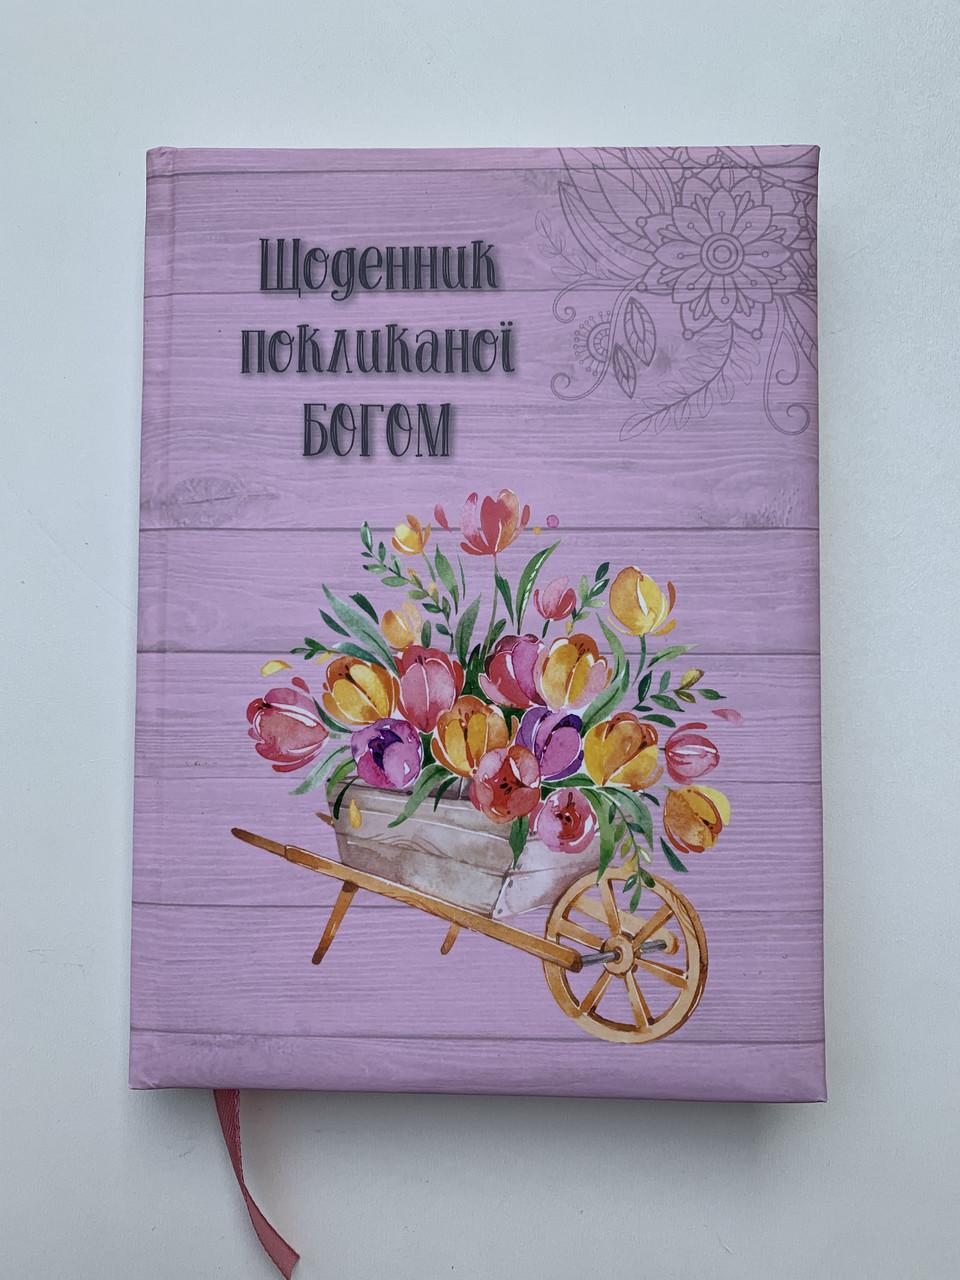 Щоденник покликаної Богом